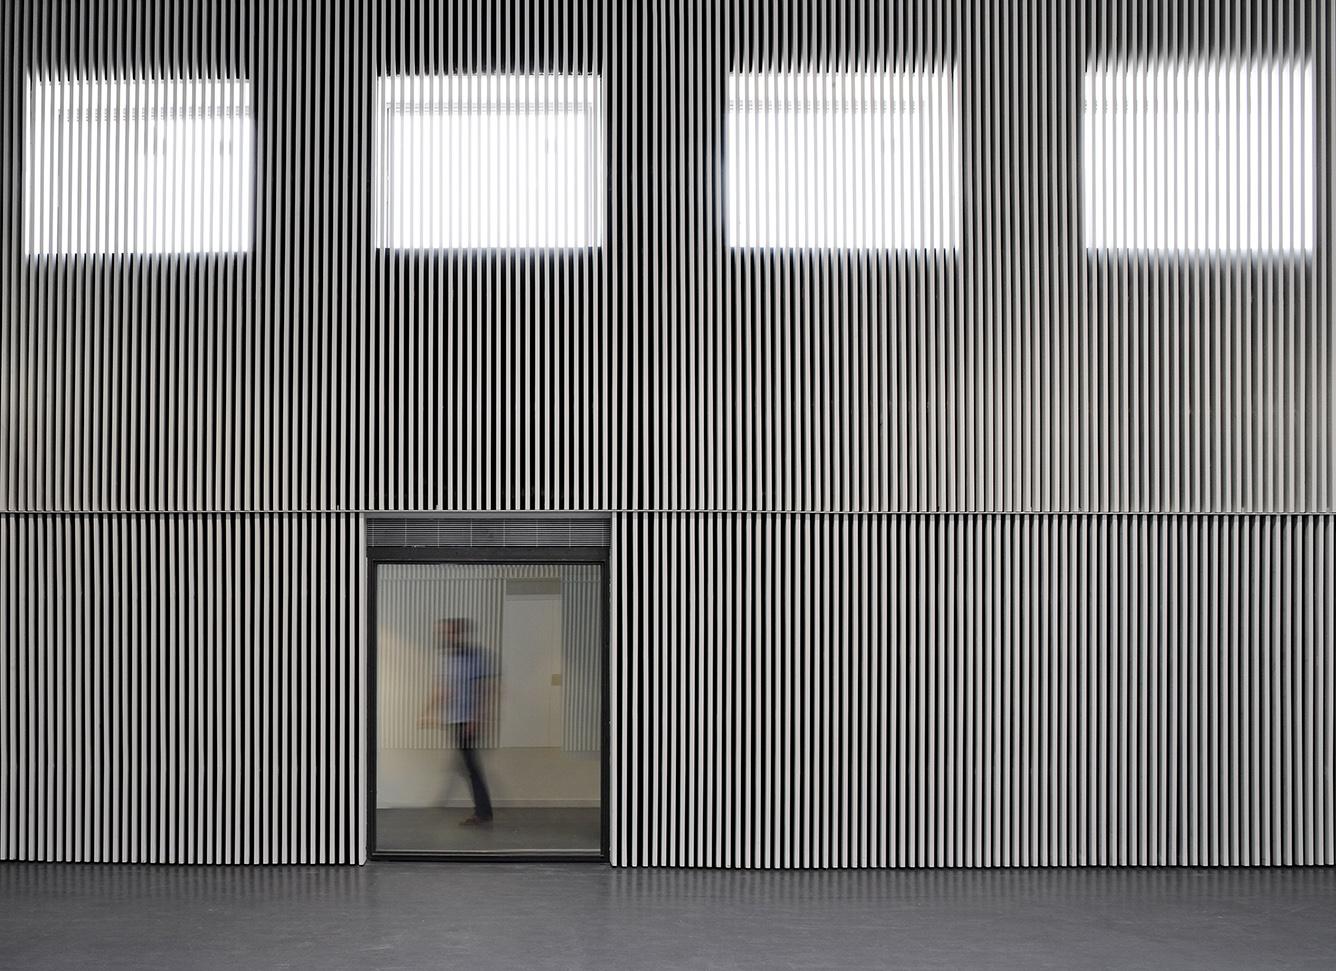 Arquitectura entre d 39 altres solucions arquitecturia for Revestimiento exterior zinc